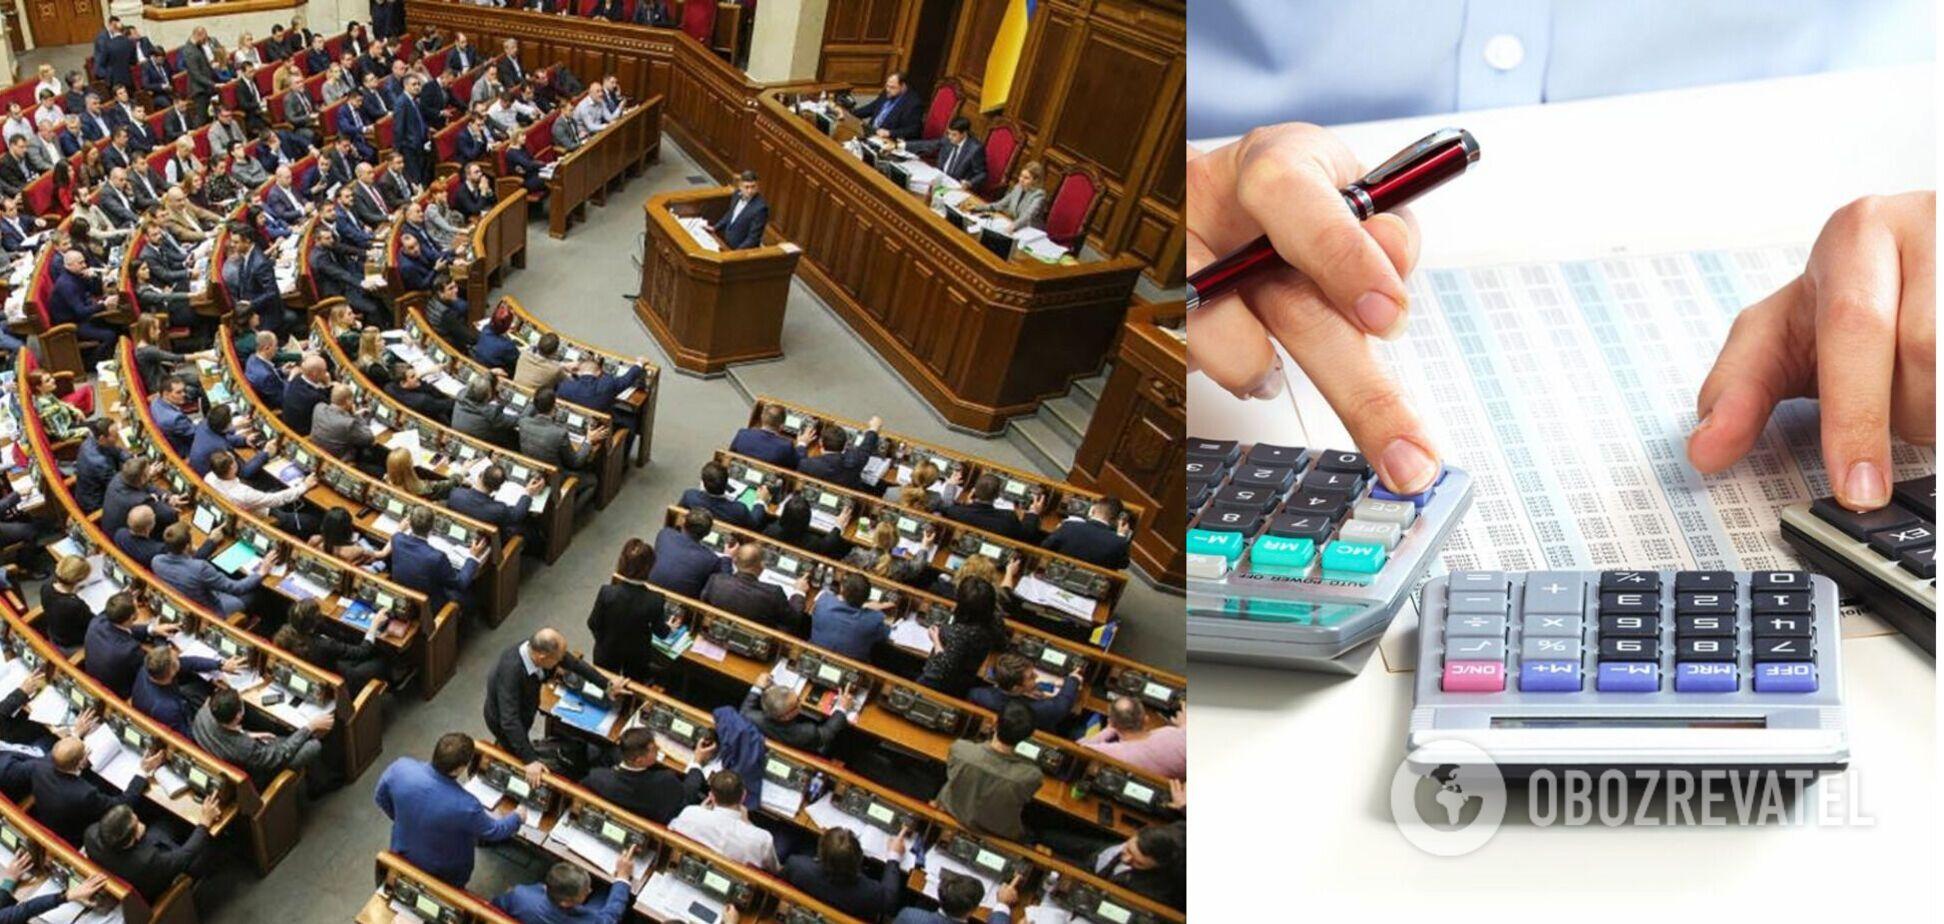 Нардепу повідомили про підозру в ухиленні від сплати податків майже на 100 млн грн